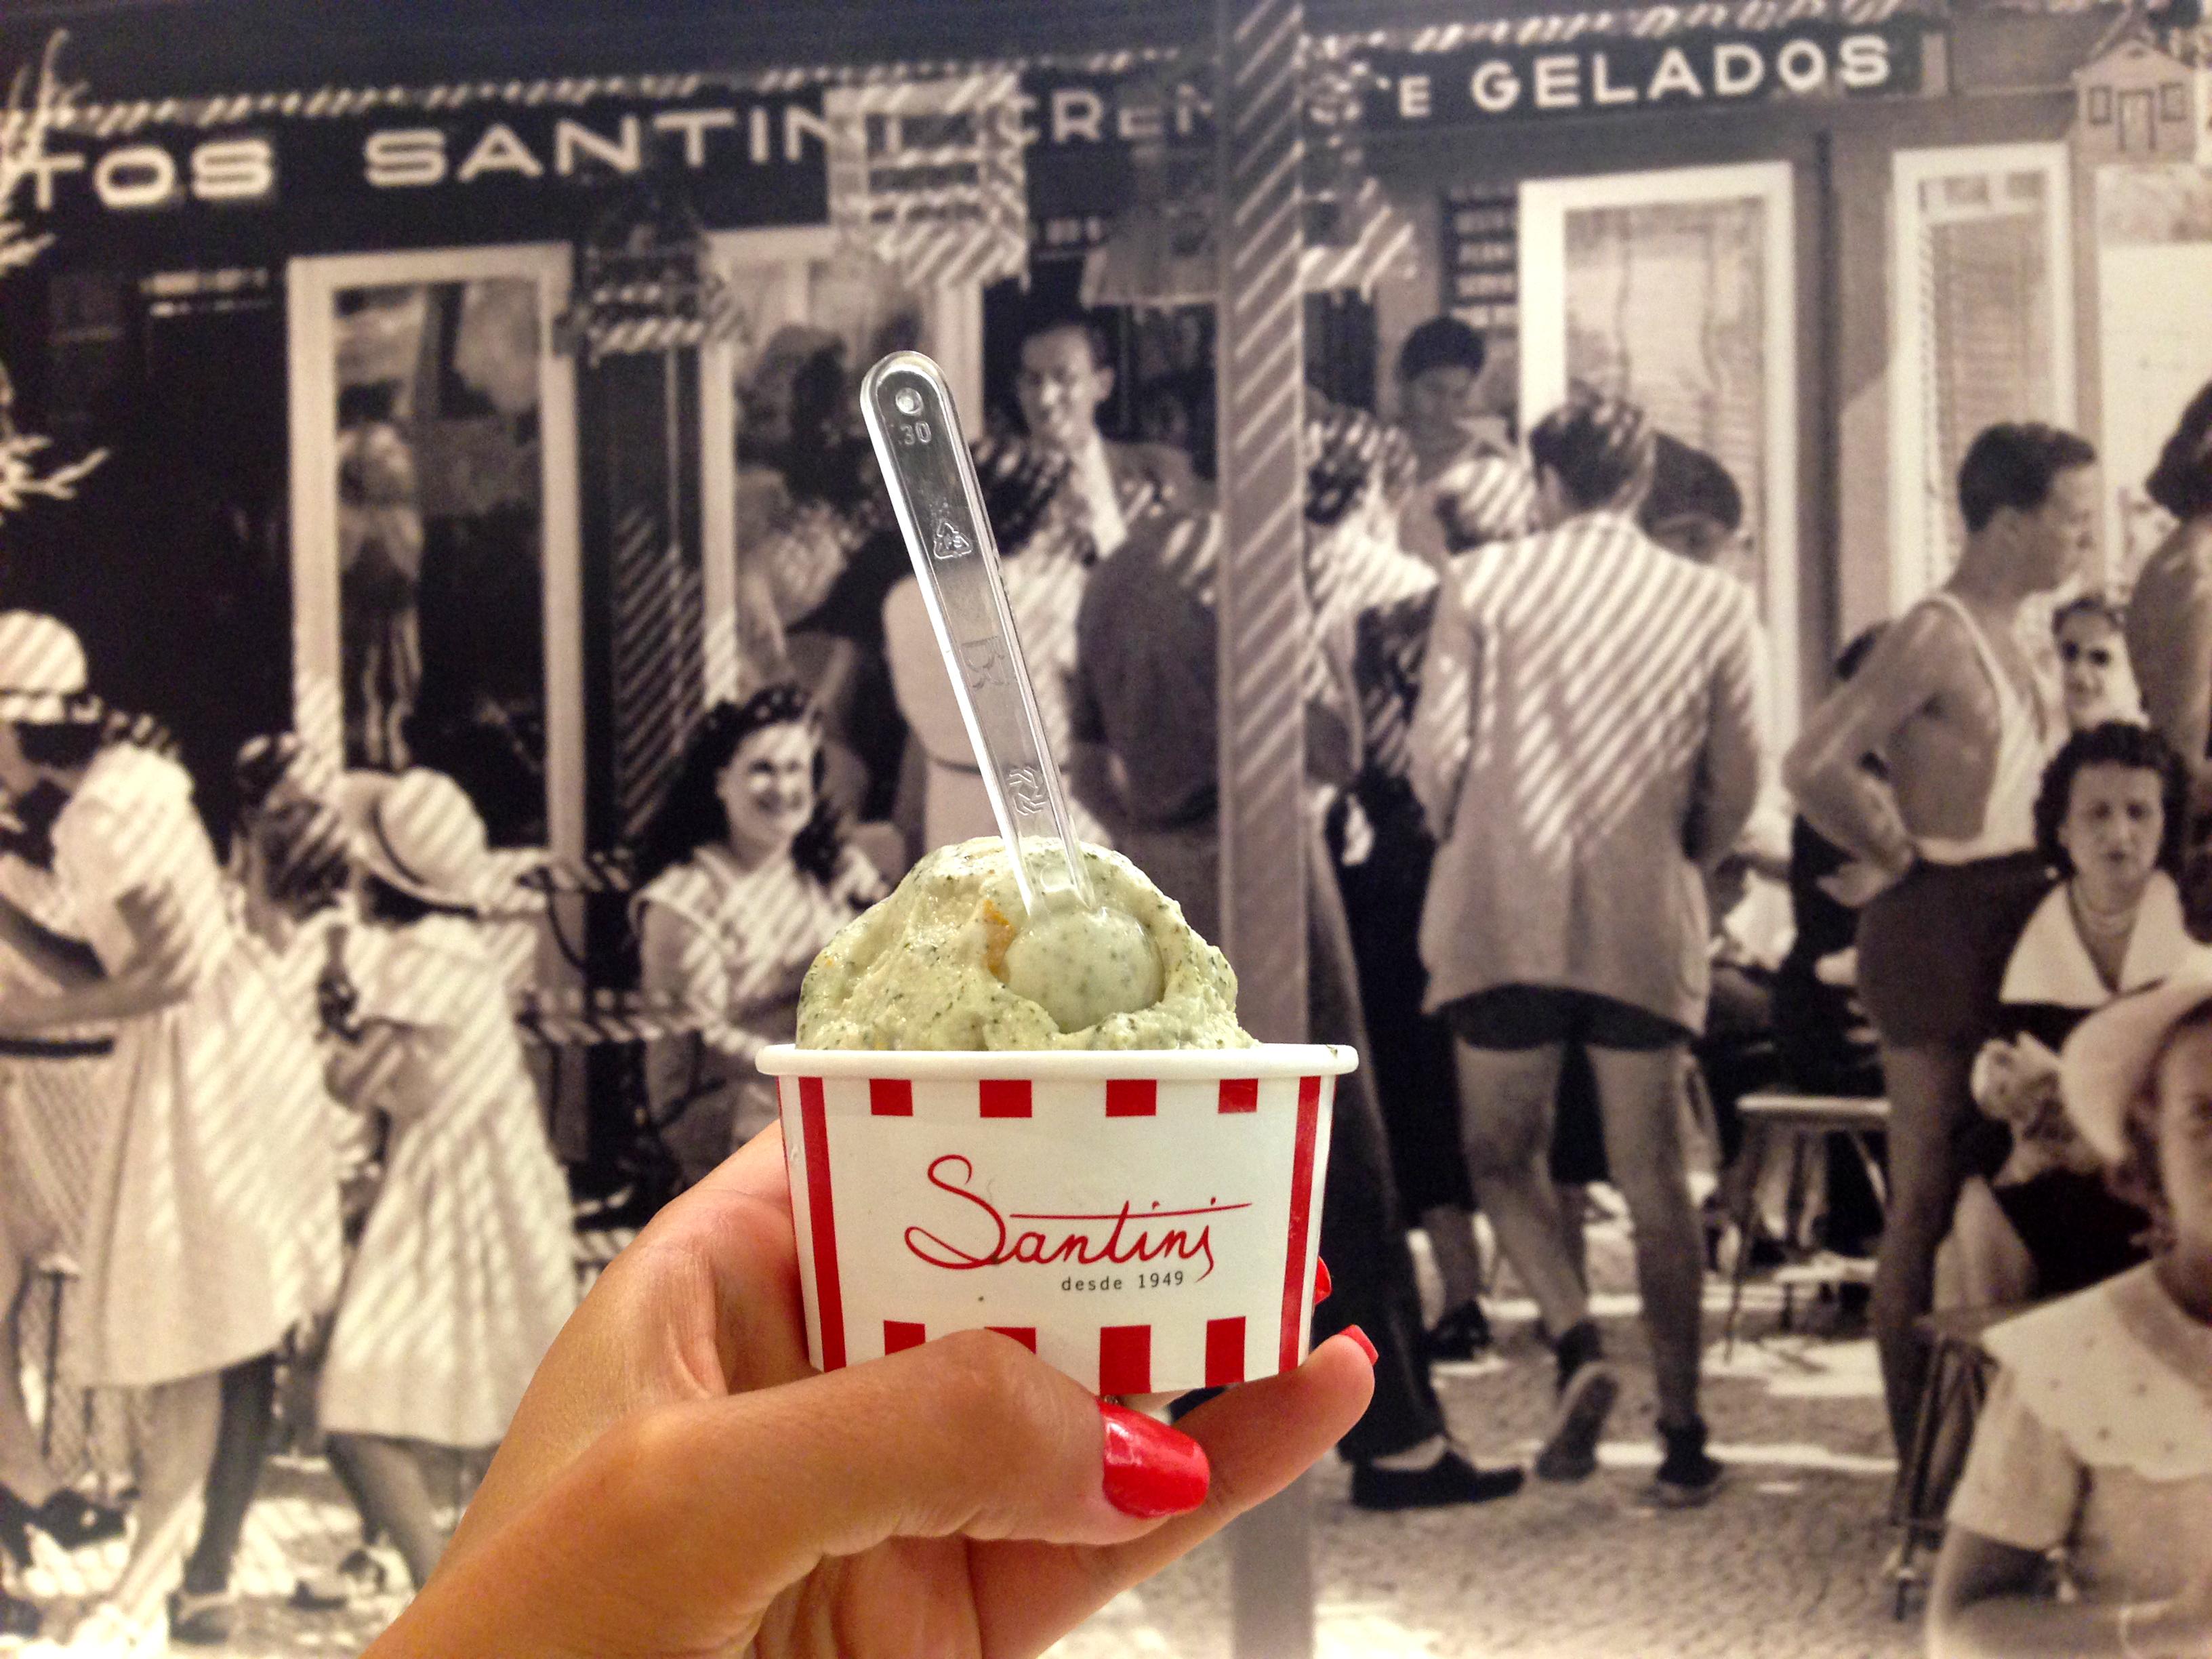 O novo sabor dos gelados Santini veio a navegar pela net